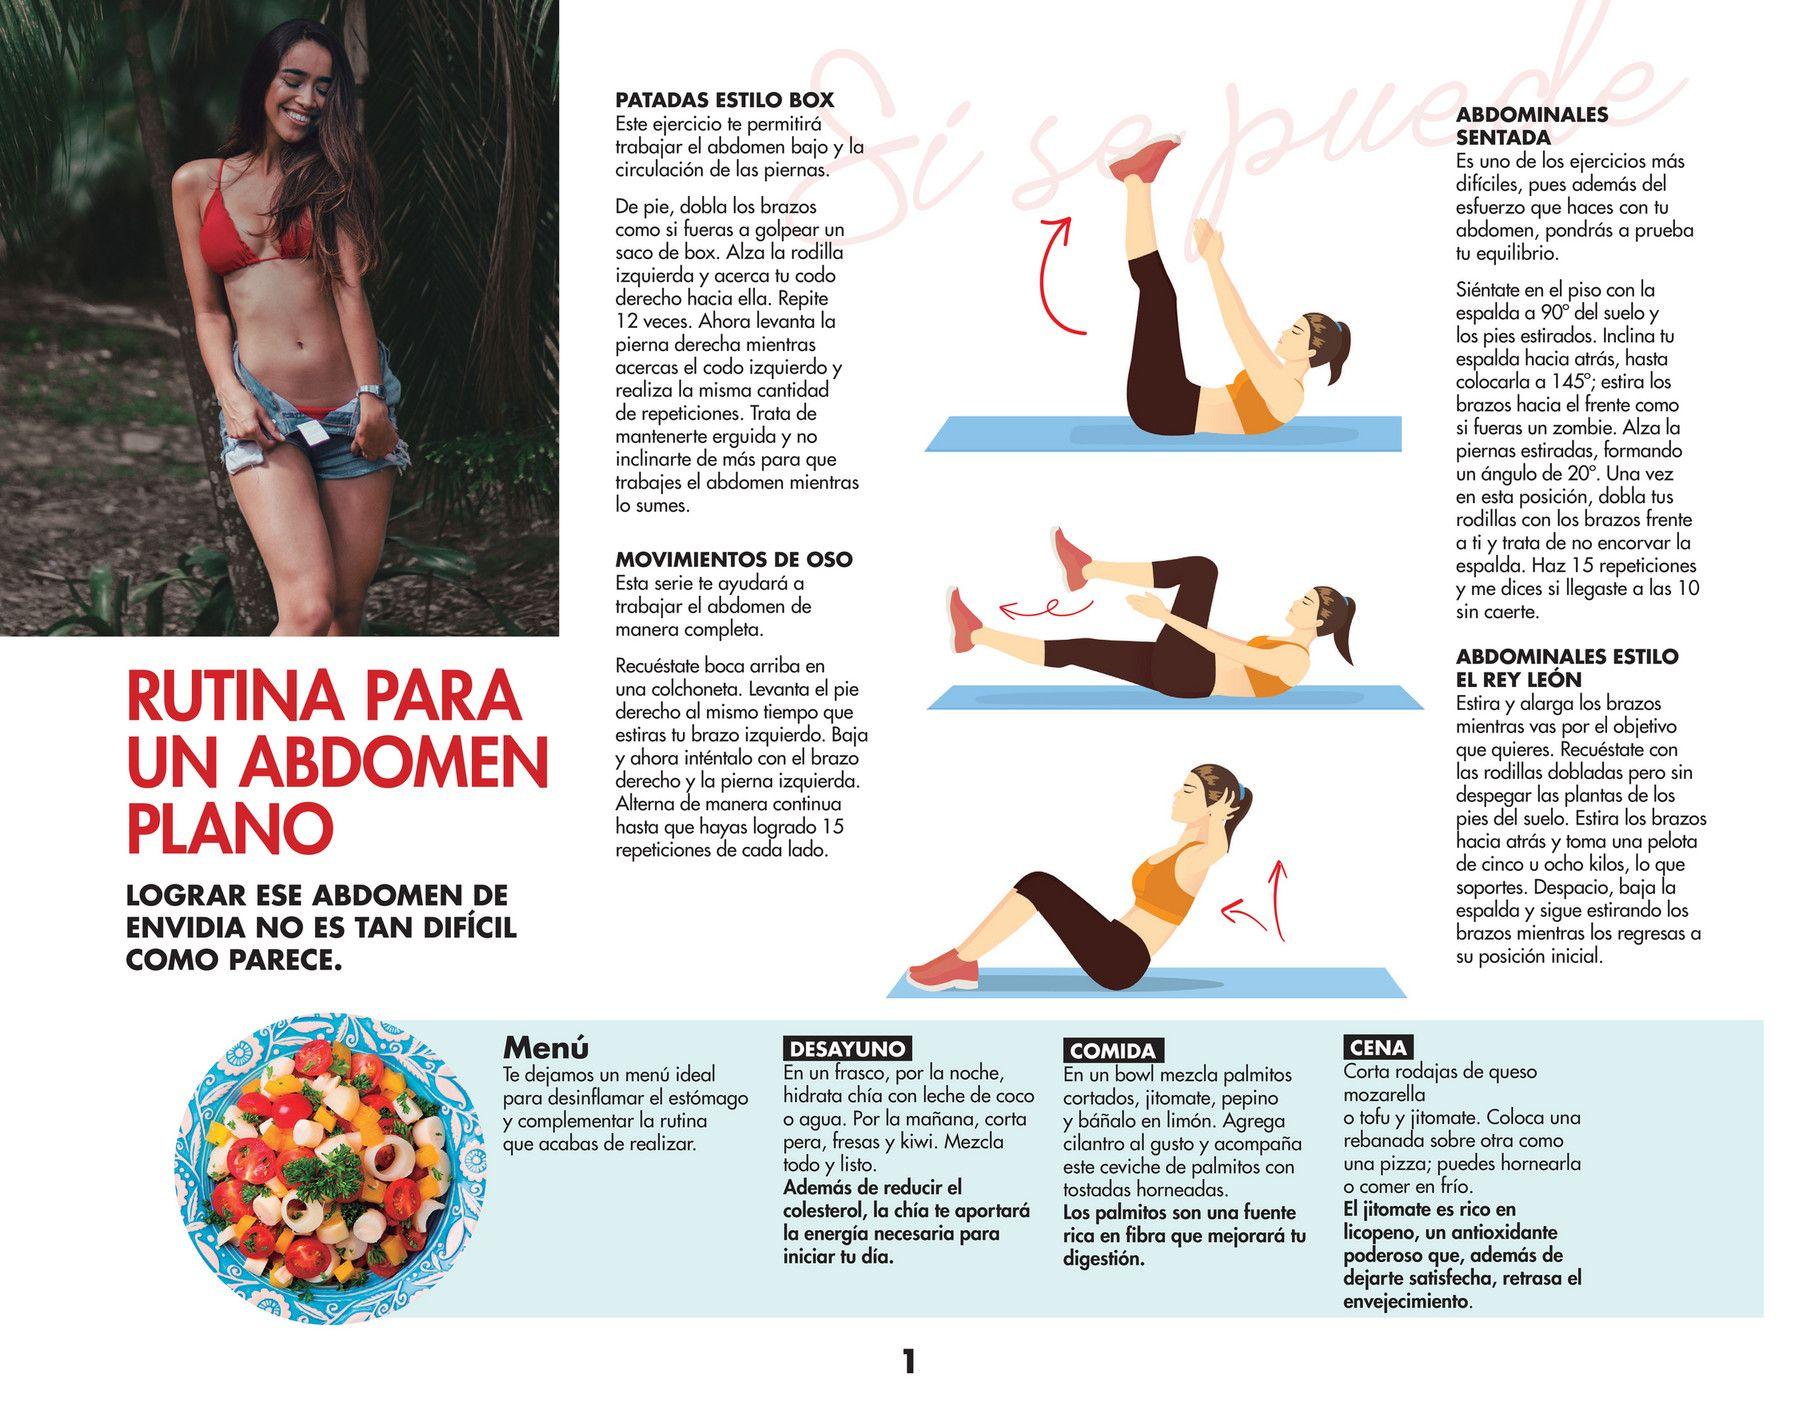 Ginmedia Vida Fit Ejercicios Y Dieta Fáciles En Casa Mujer De 10 Página 4 Ejercicios Ejercicios Para Abdomen Ejercicios Para Adelgazar Brazos